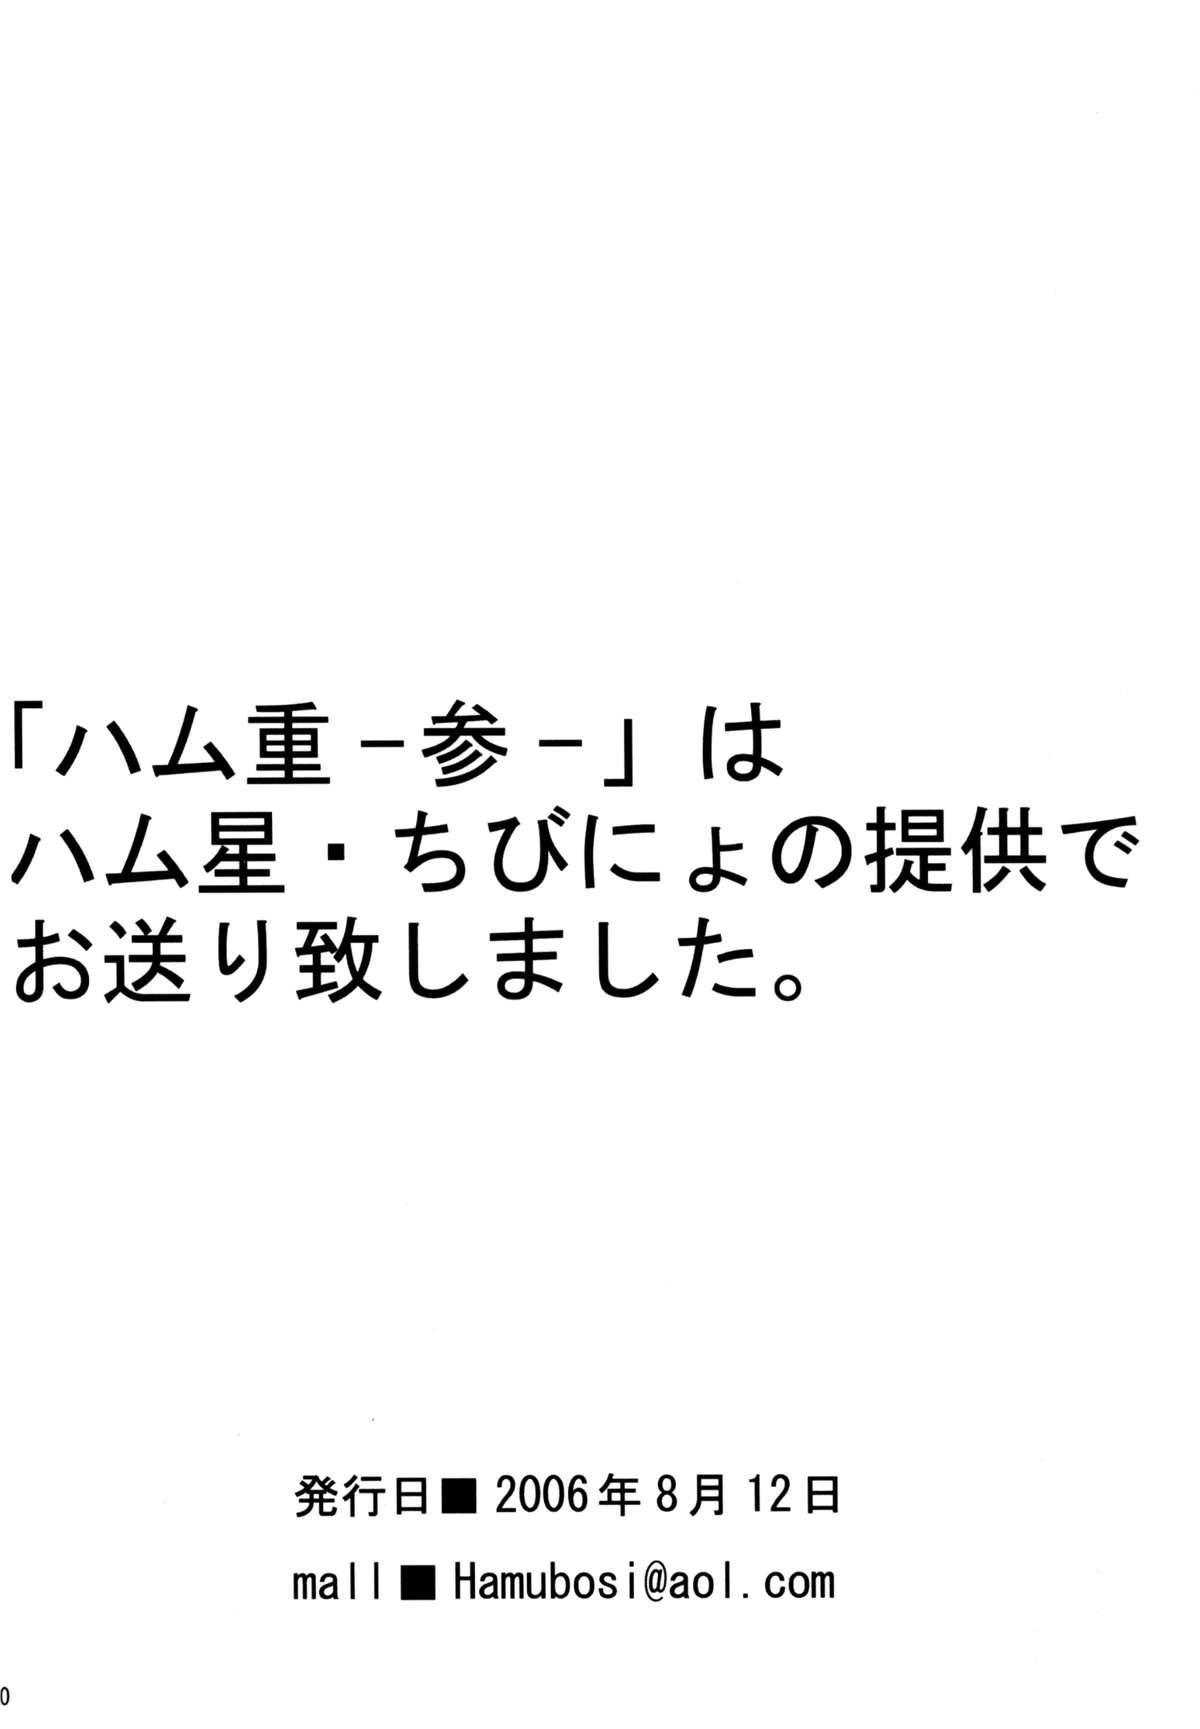 (C70) [Hamustar (Chibinyo)] Hamu-juu -San- (Naruto) [English] [Yoroshii] 18